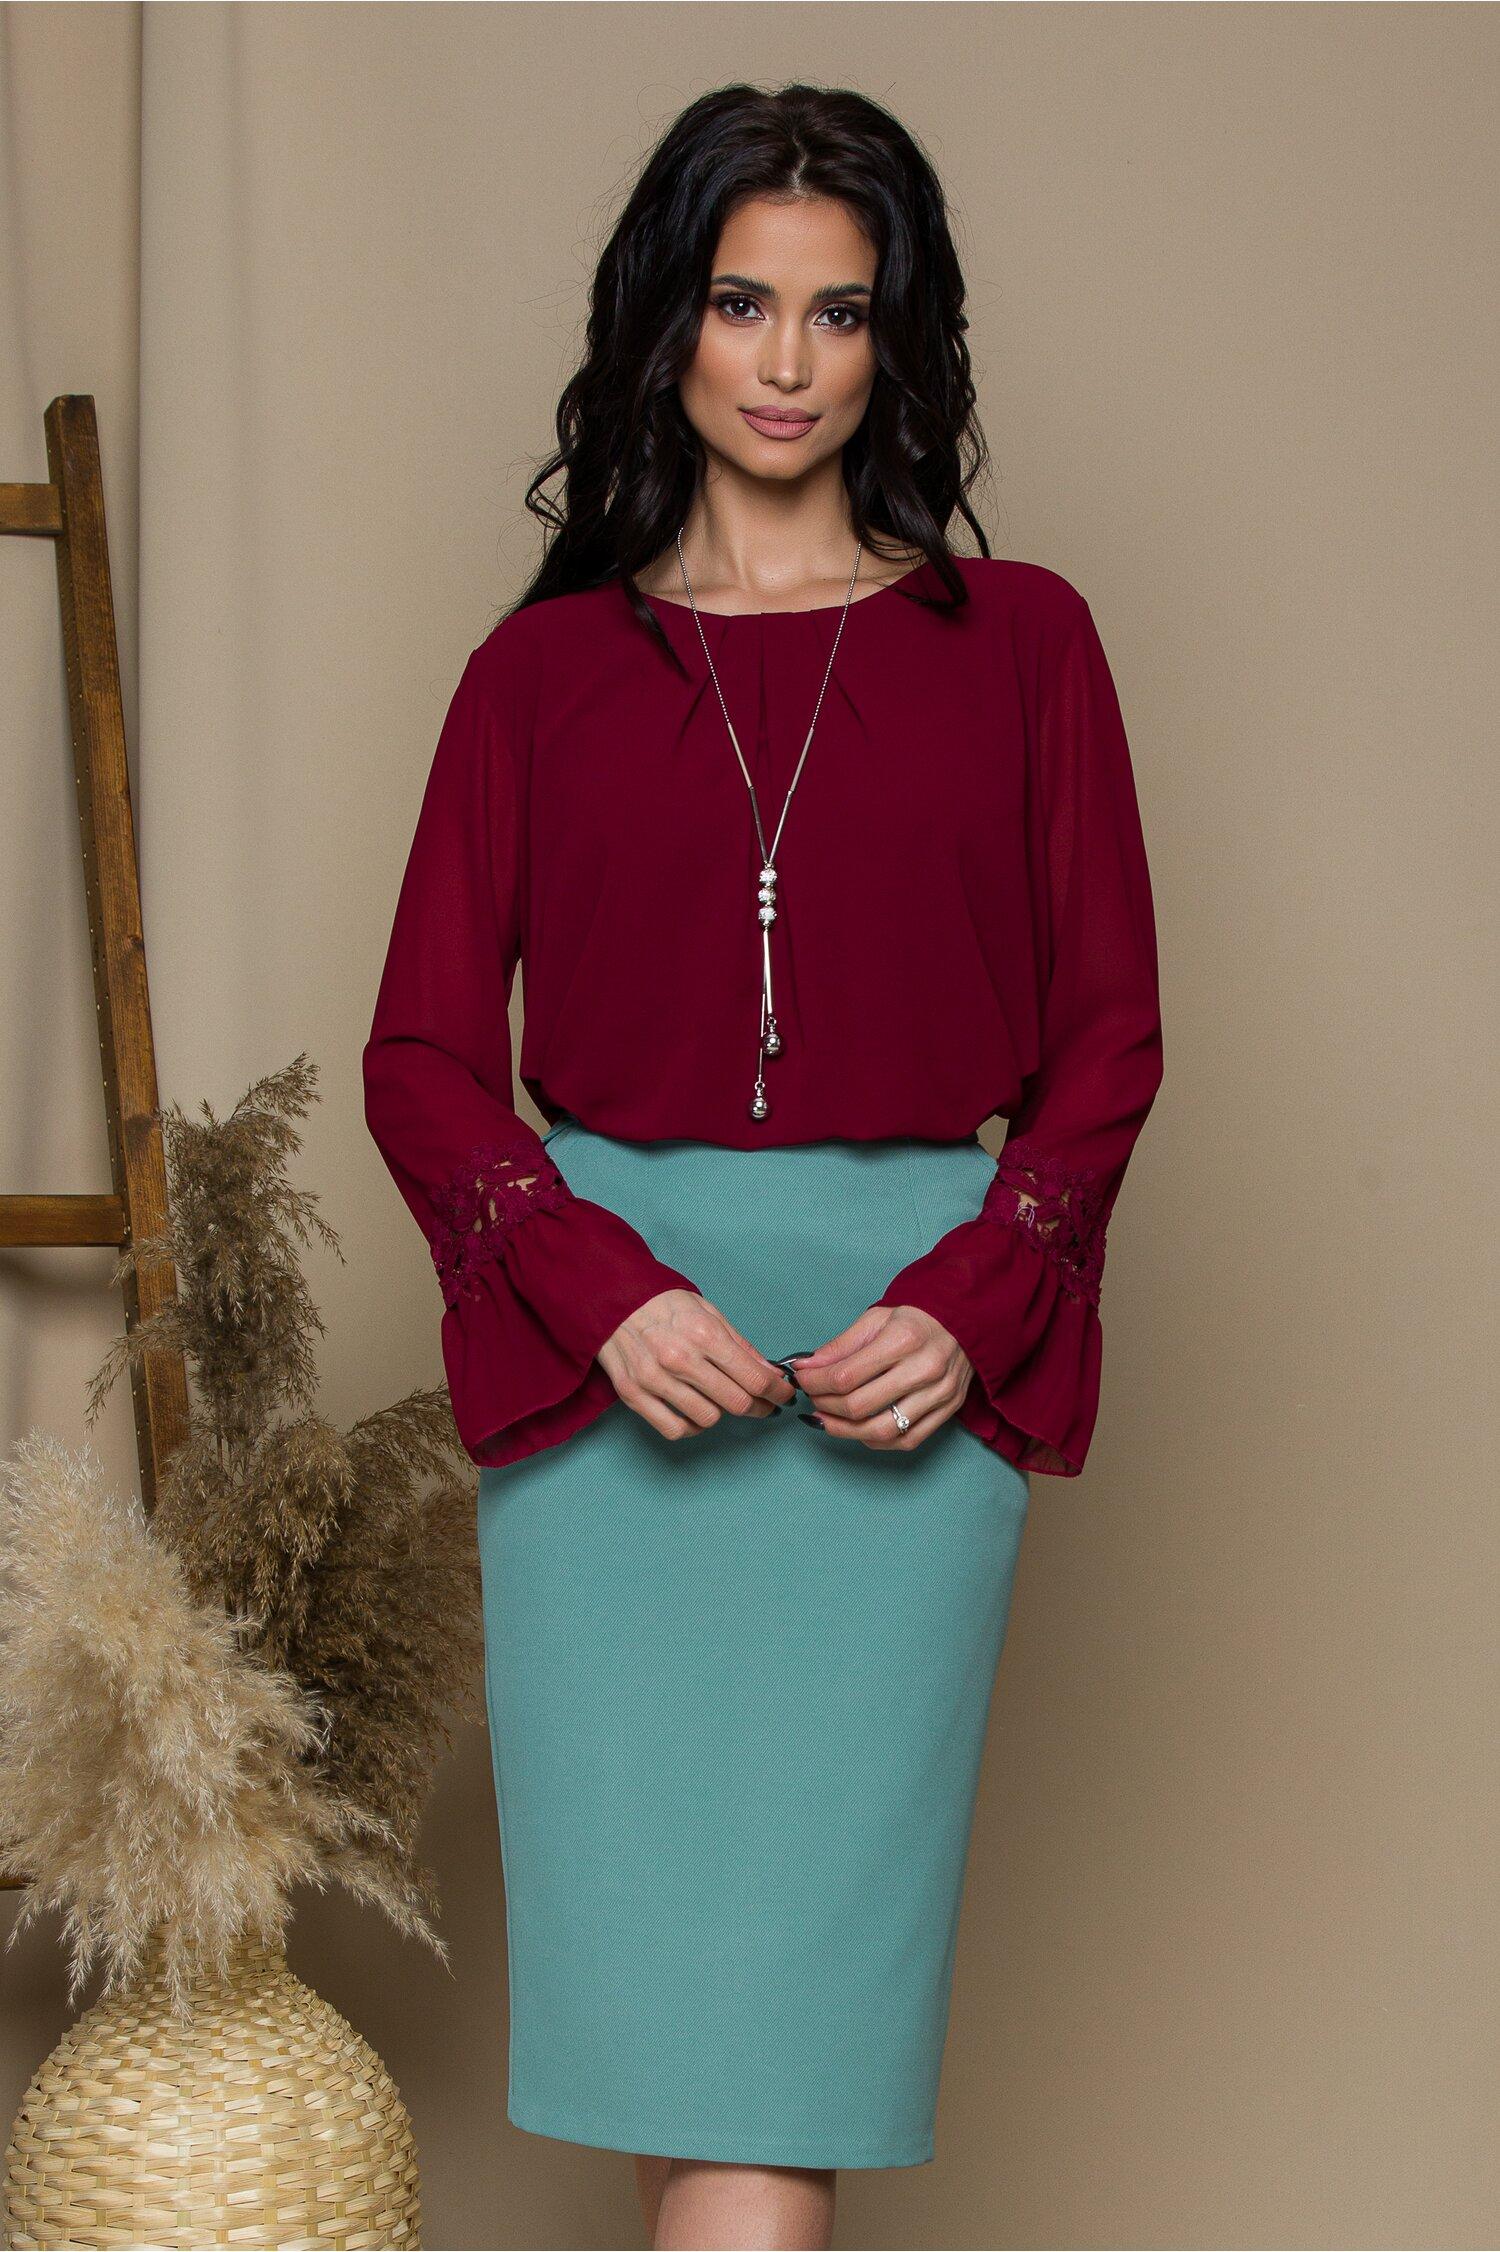 Bluza Amy bordo cu dantela la baza manecilor imagine